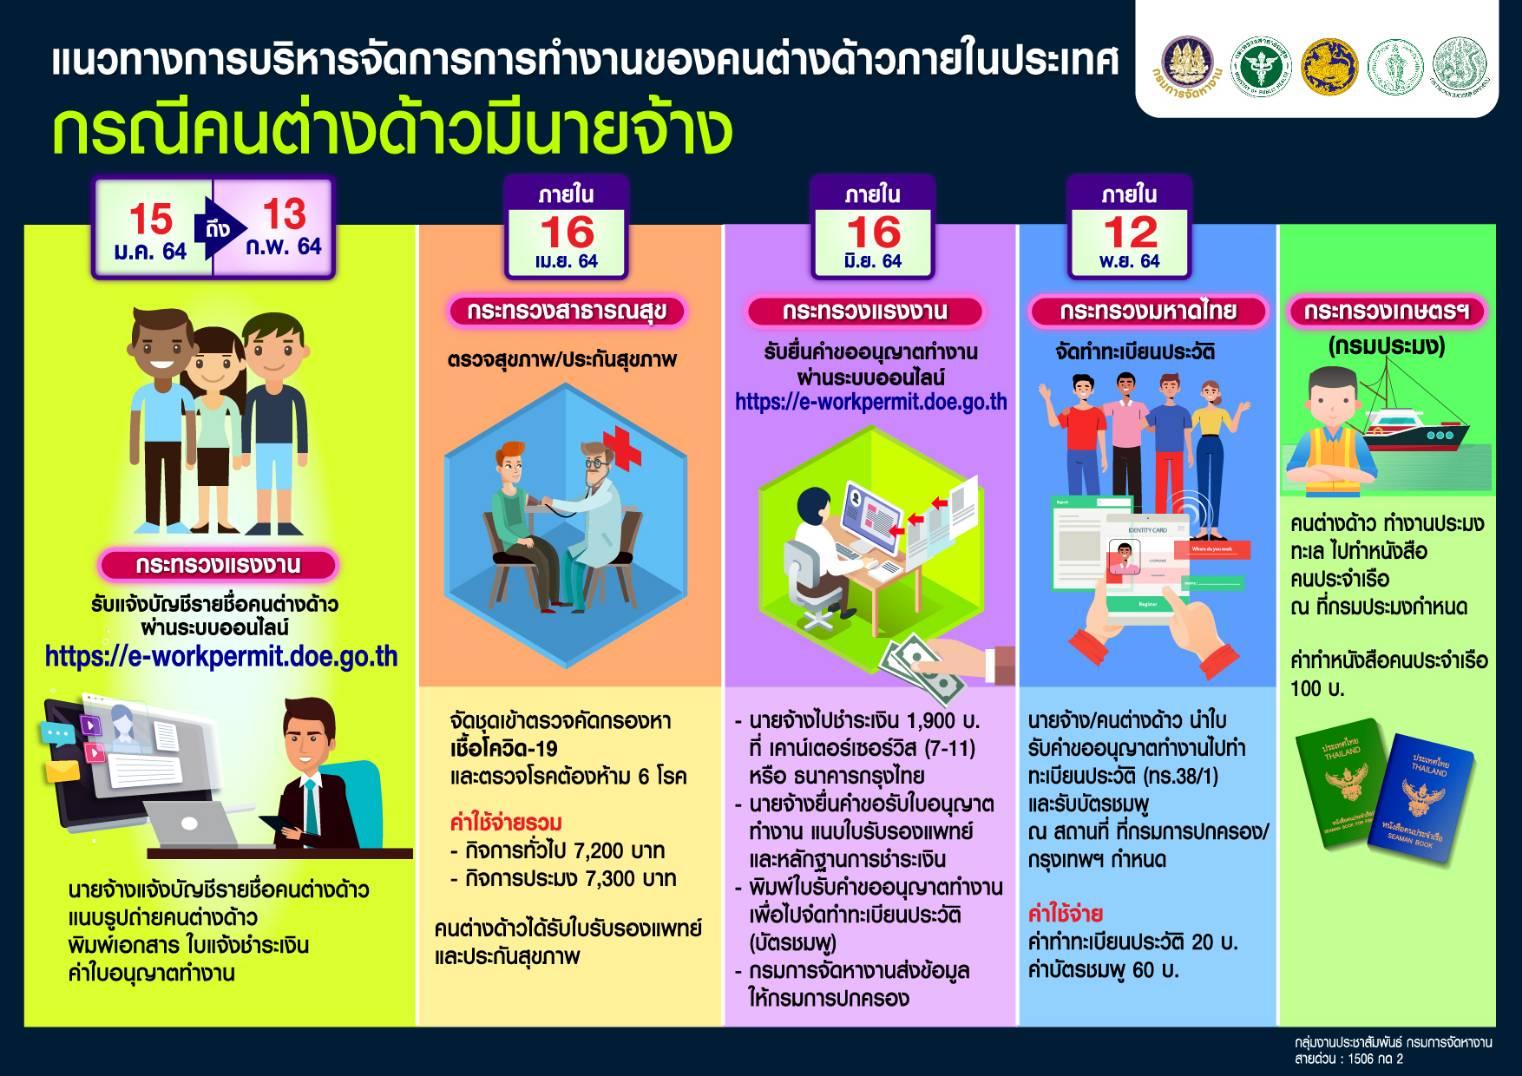 แนวทางการบริหารจัดการการทำงานของคนต่างด้าวภายในประเทศ